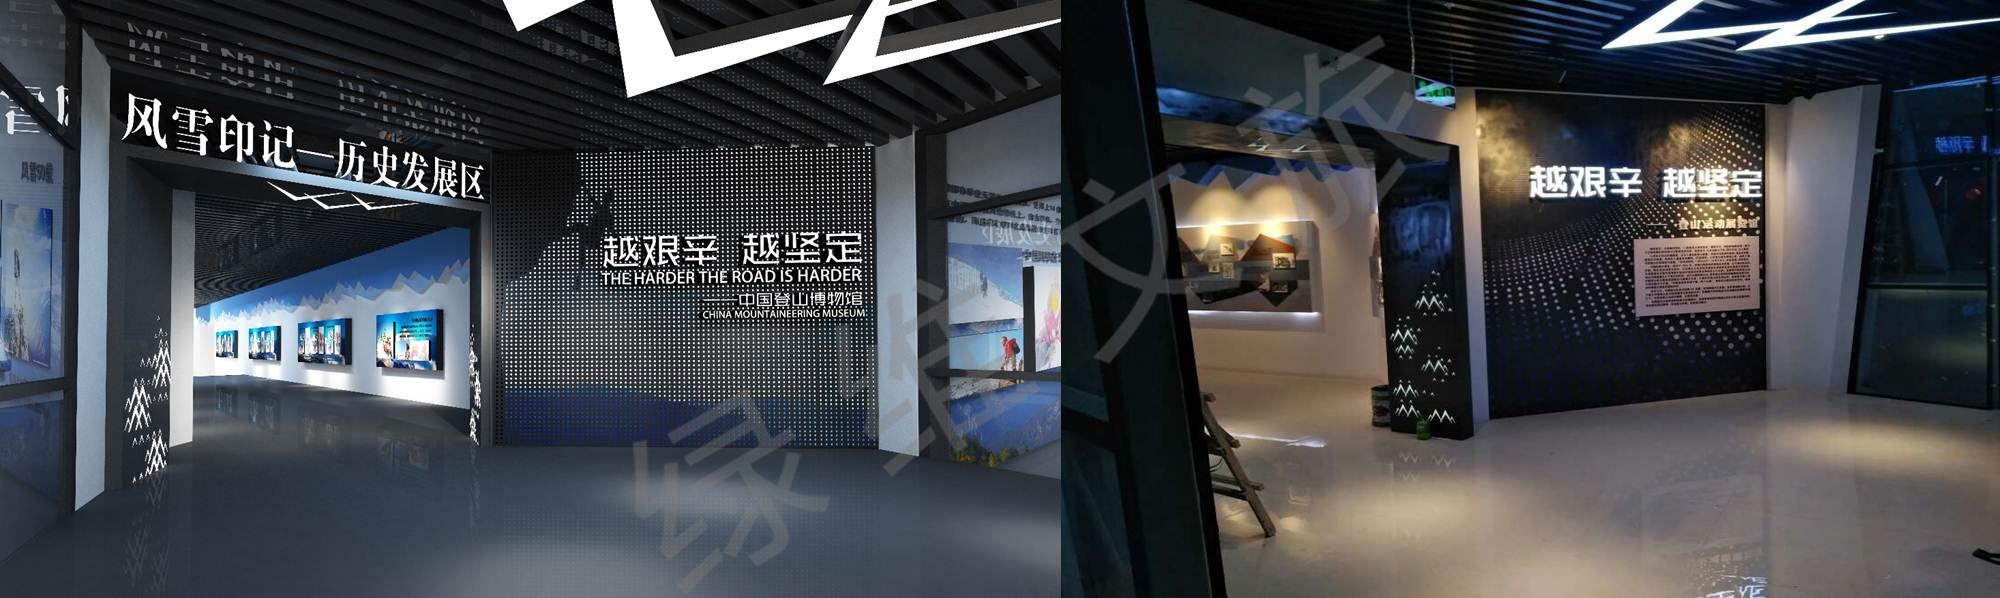 2-前厅形象墙.jpg